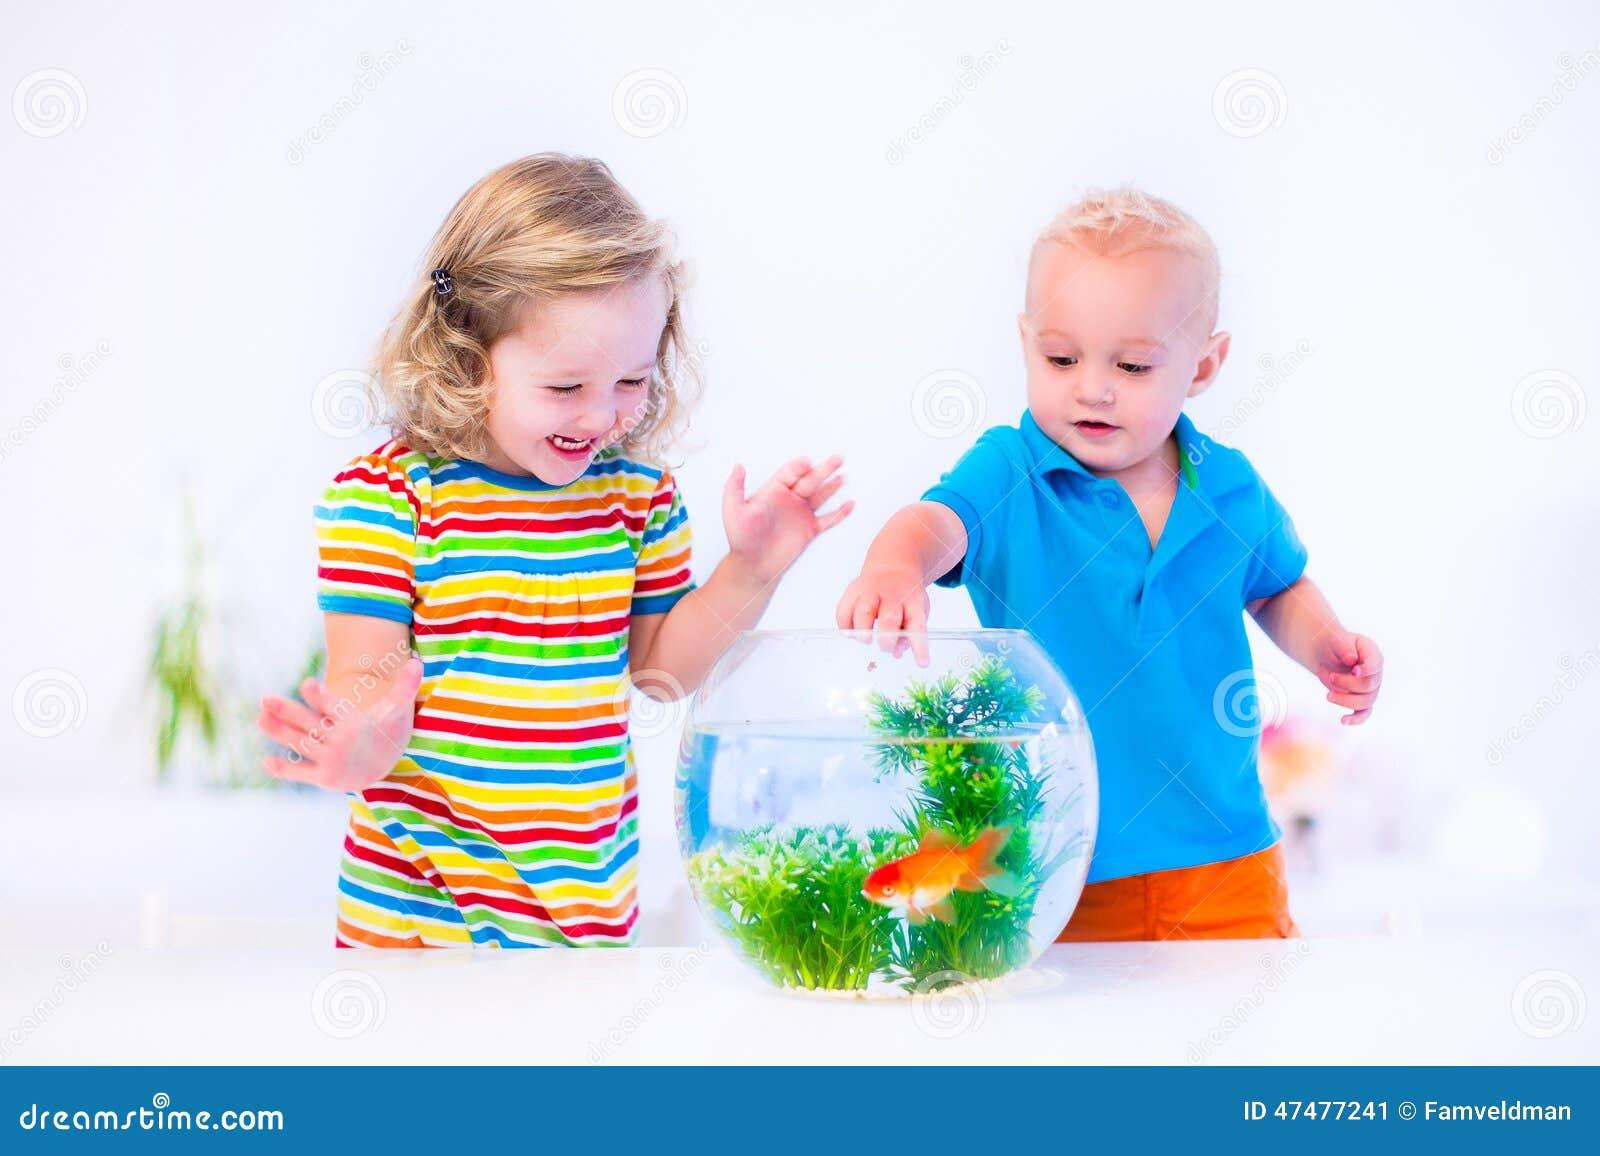 Kids watching fish bowl stock photo image 47477241 for Take me fishing org